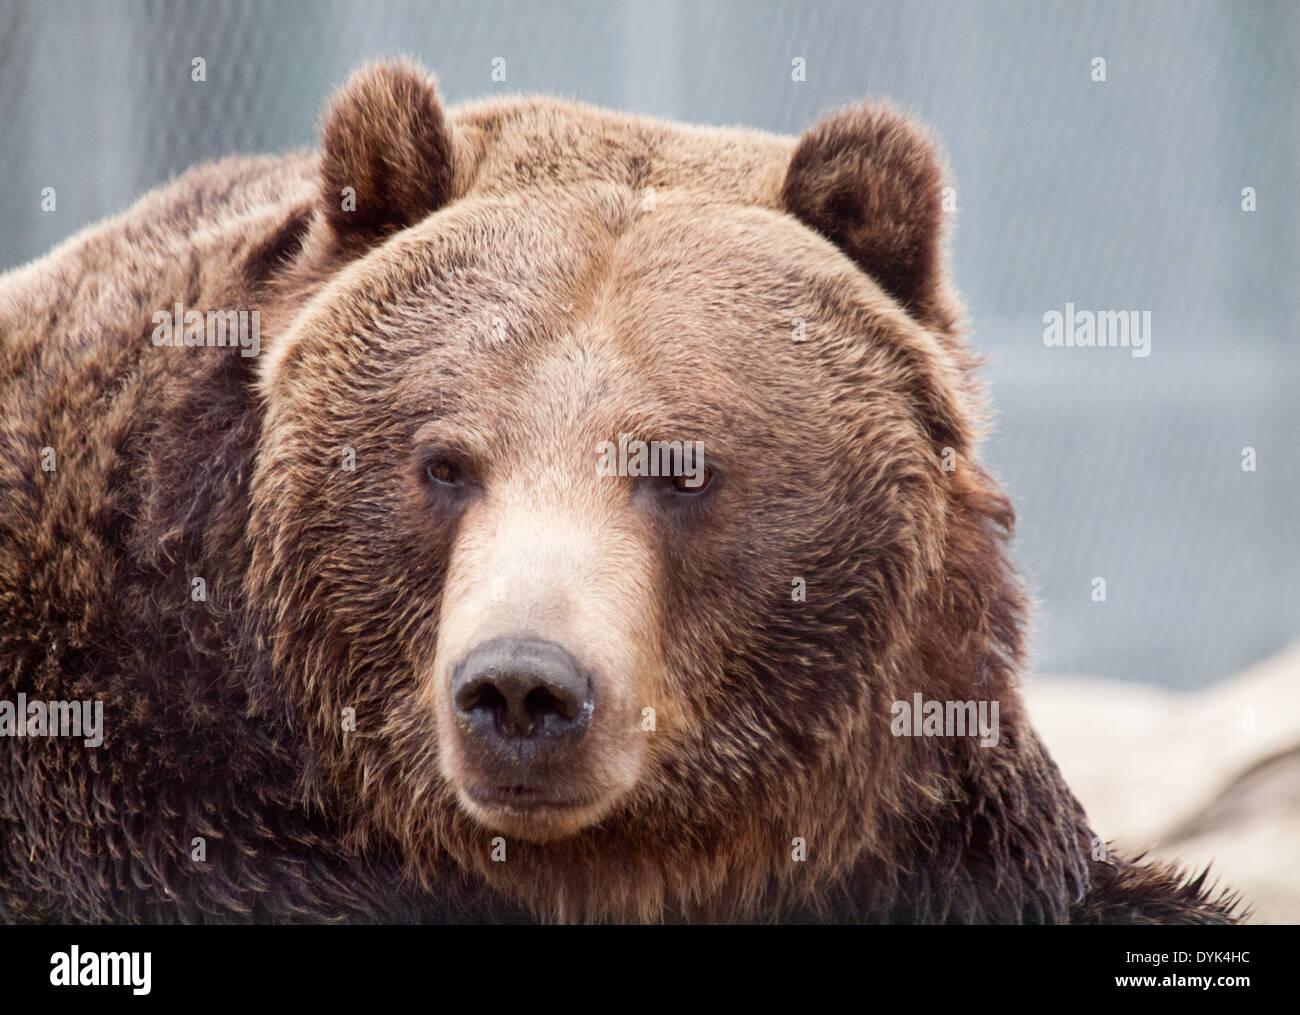 silvertip bear stock photos